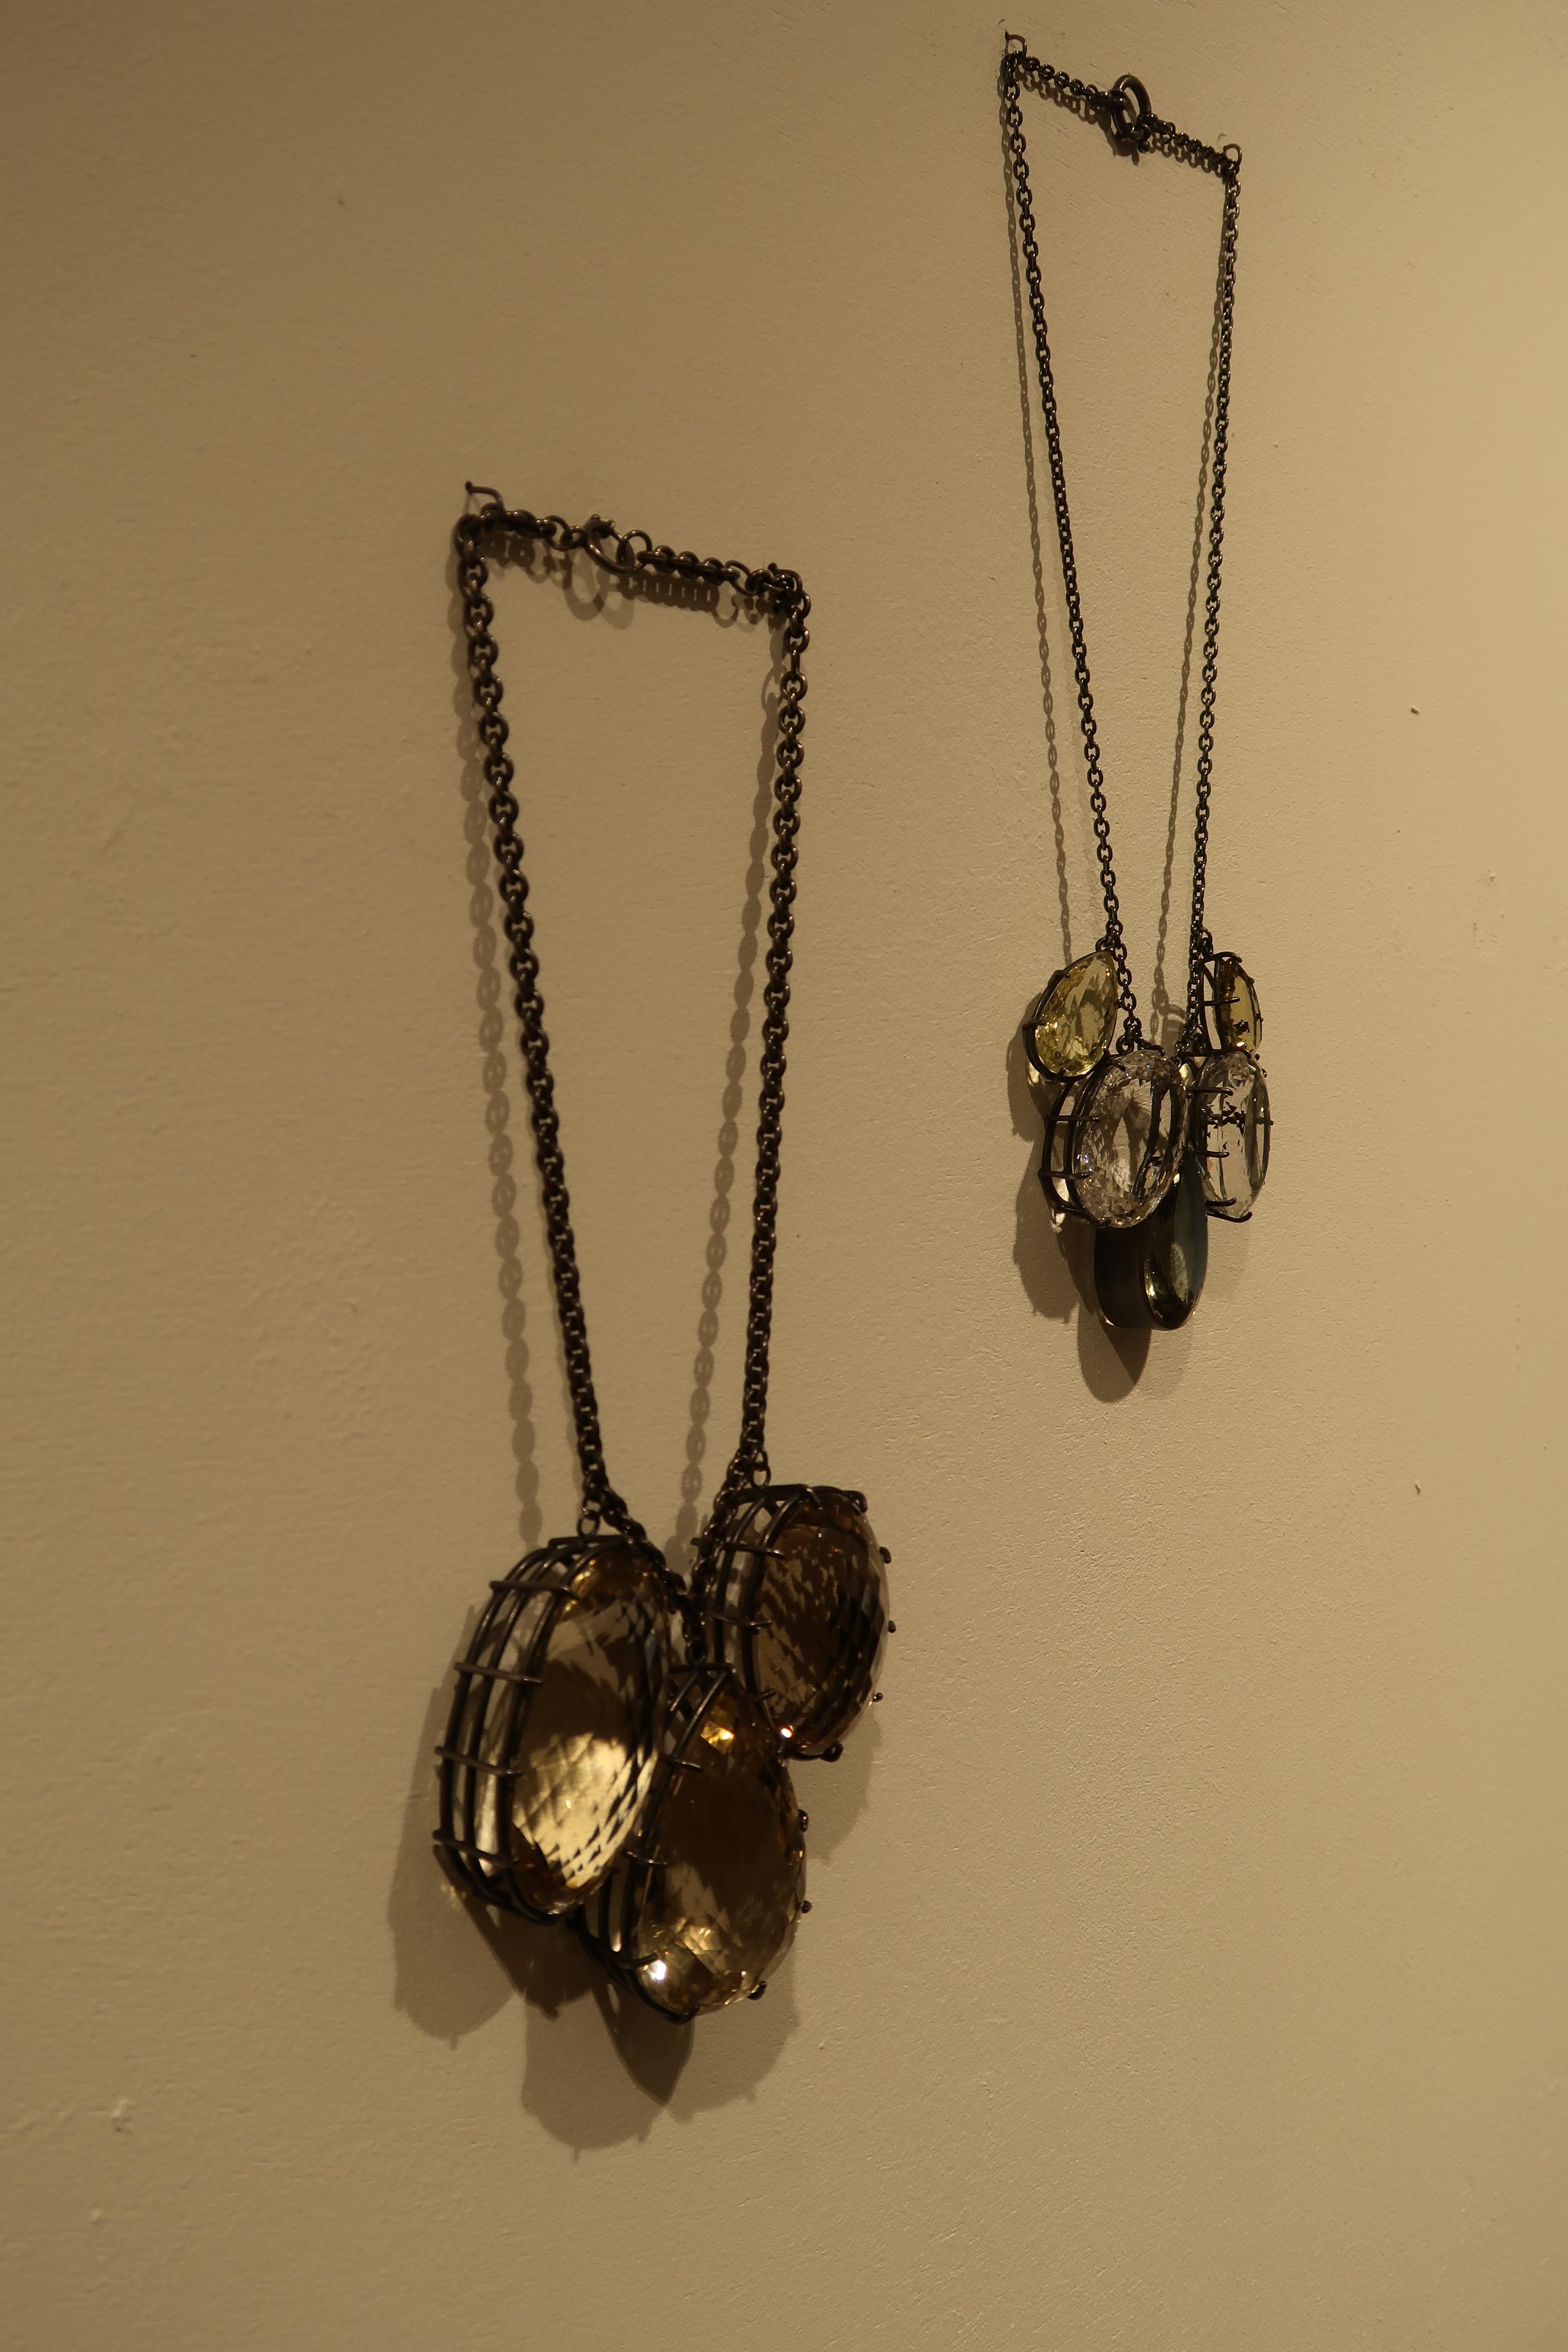 Georg Dobler, halssieraden, Stones - The Final Cut, Galerie Handwerk, München, 11 maart 2020. Foto Coert Peter Krabbe, tentoonstelling